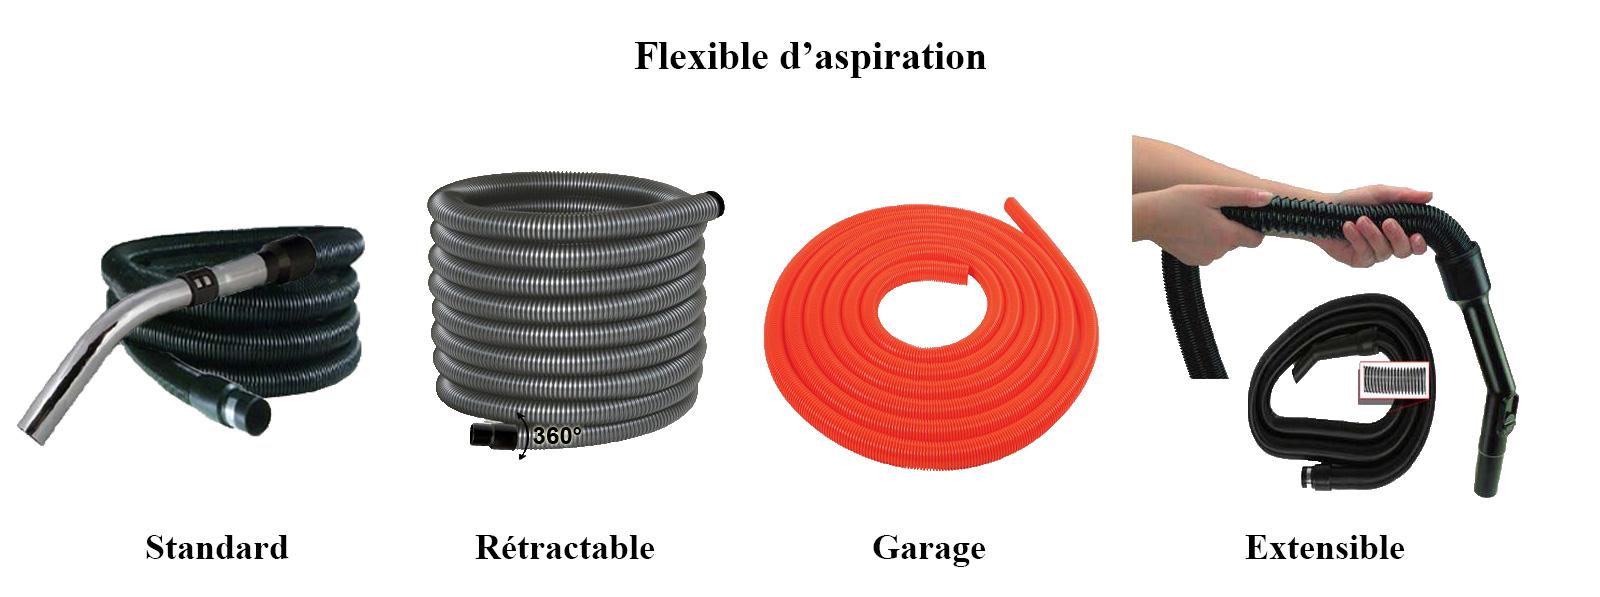 Flexibles d'aspiration